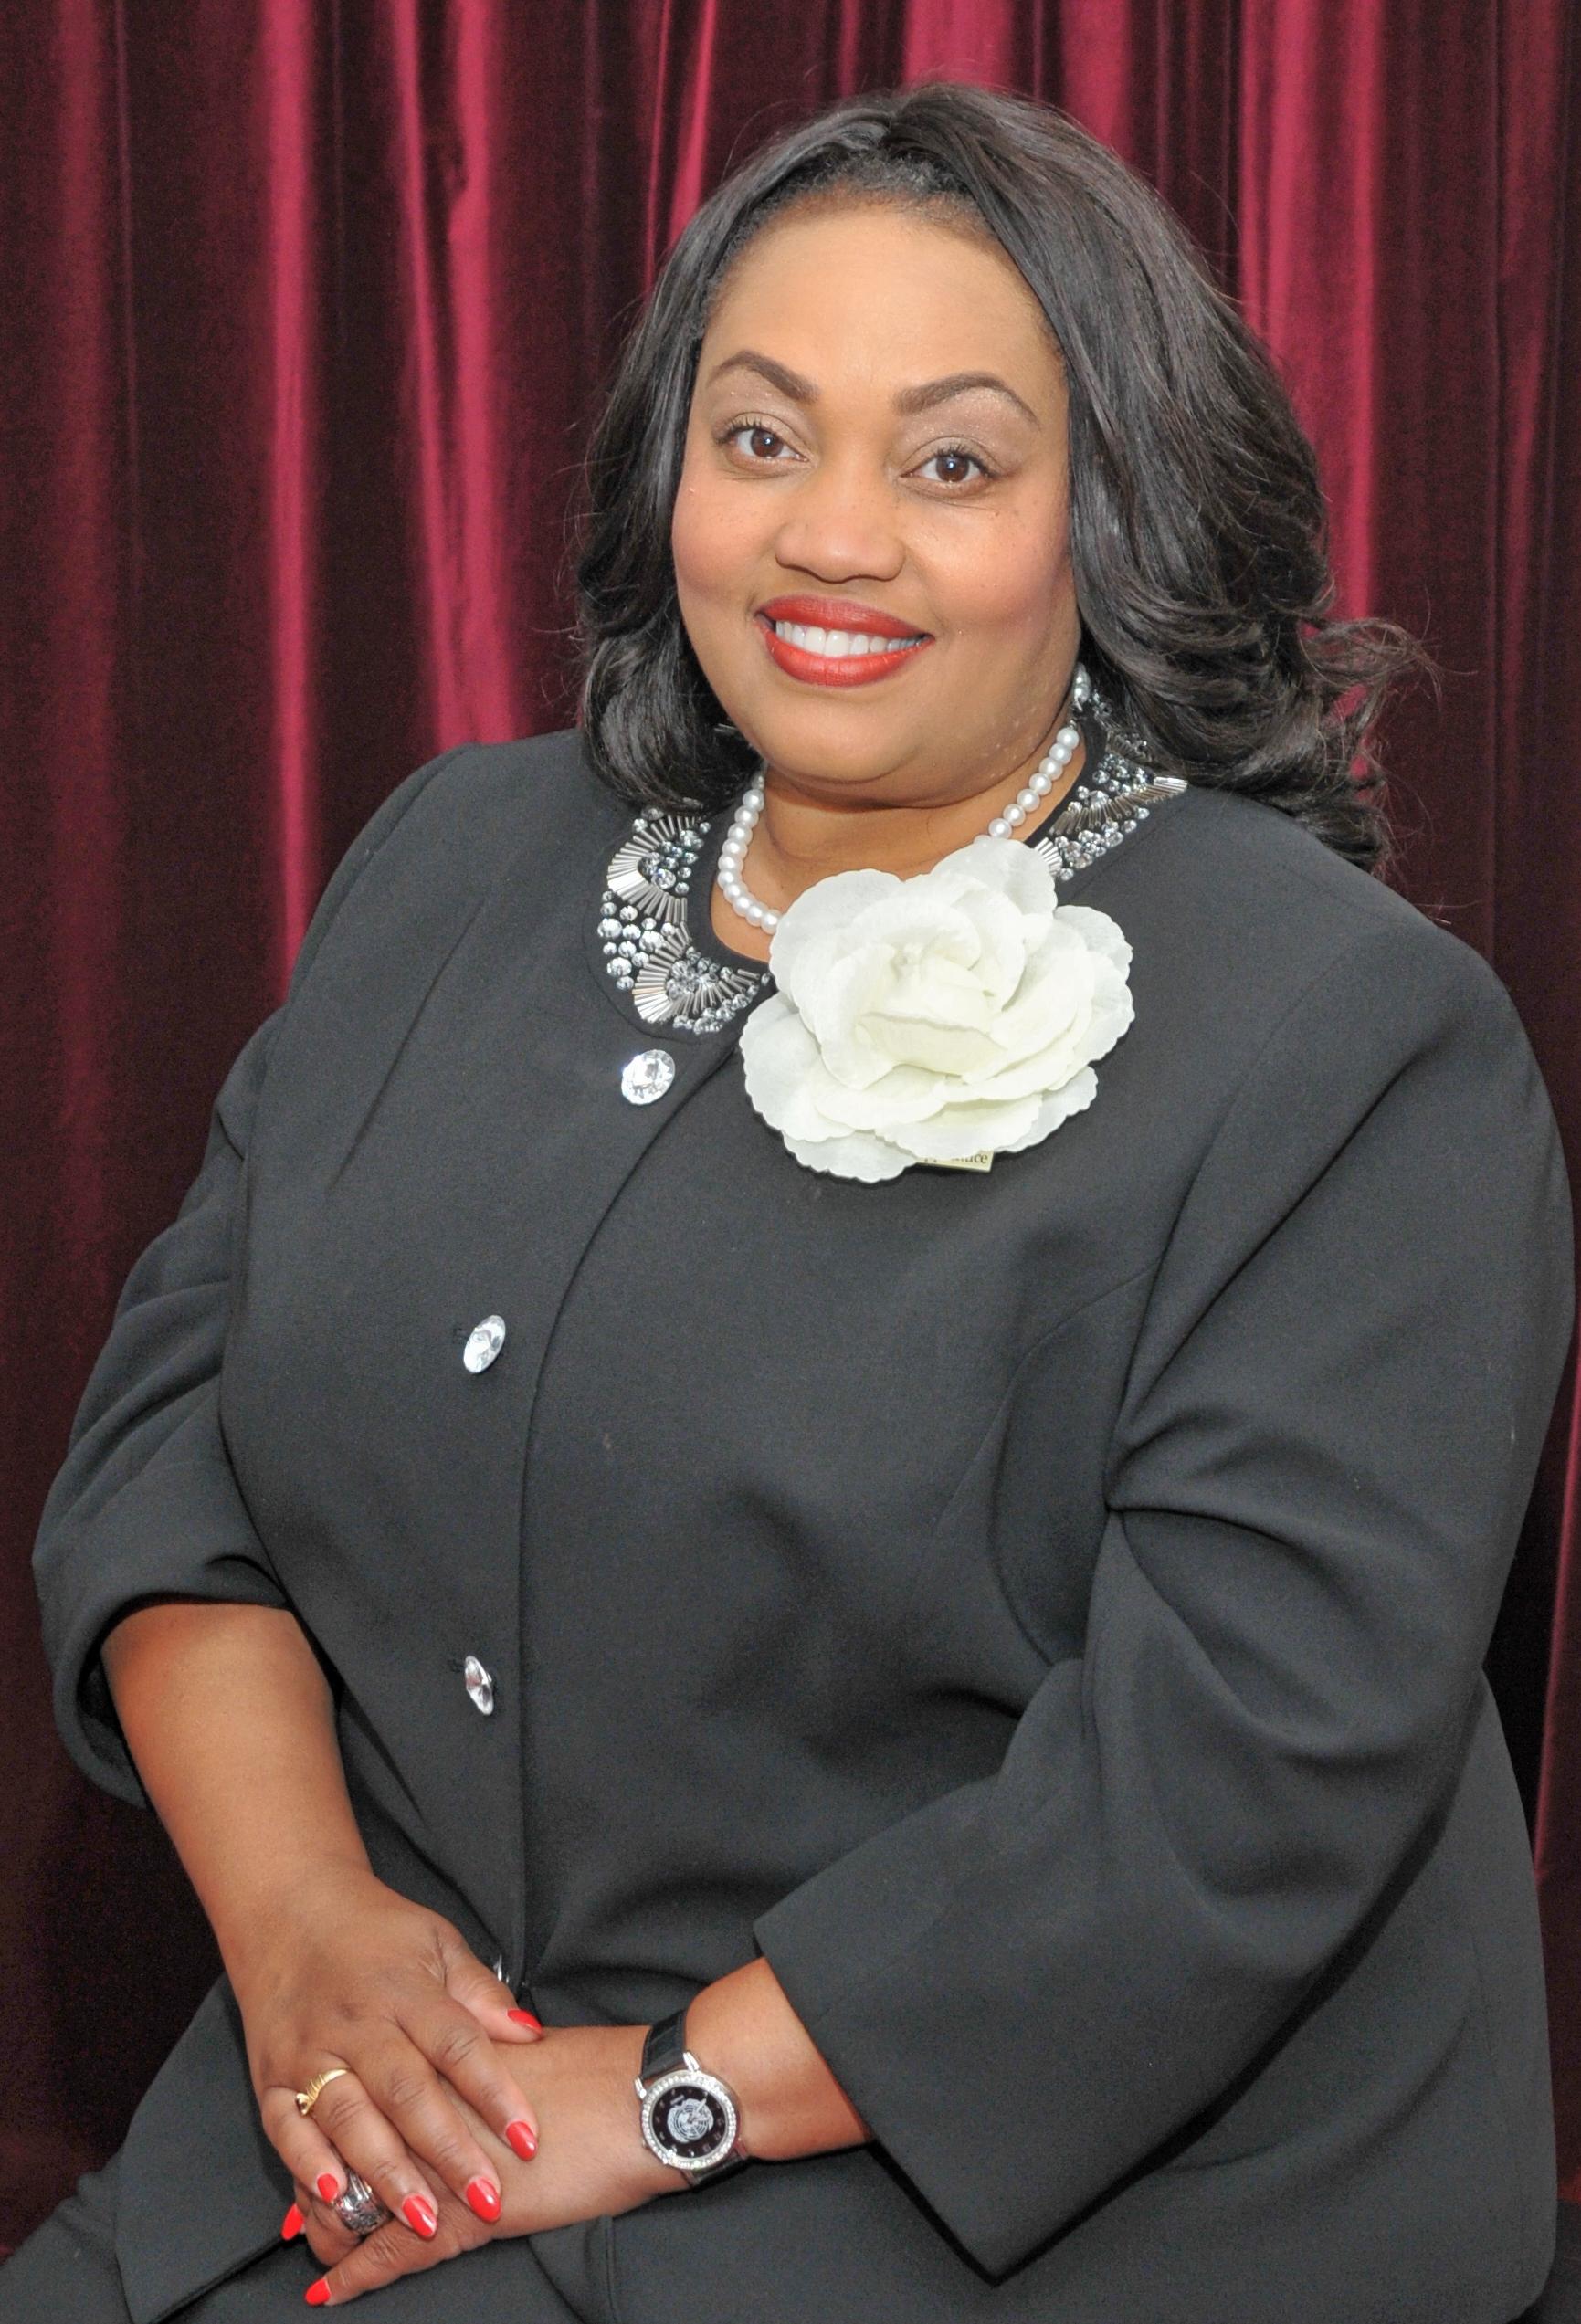 Ms. Abigail Meadows